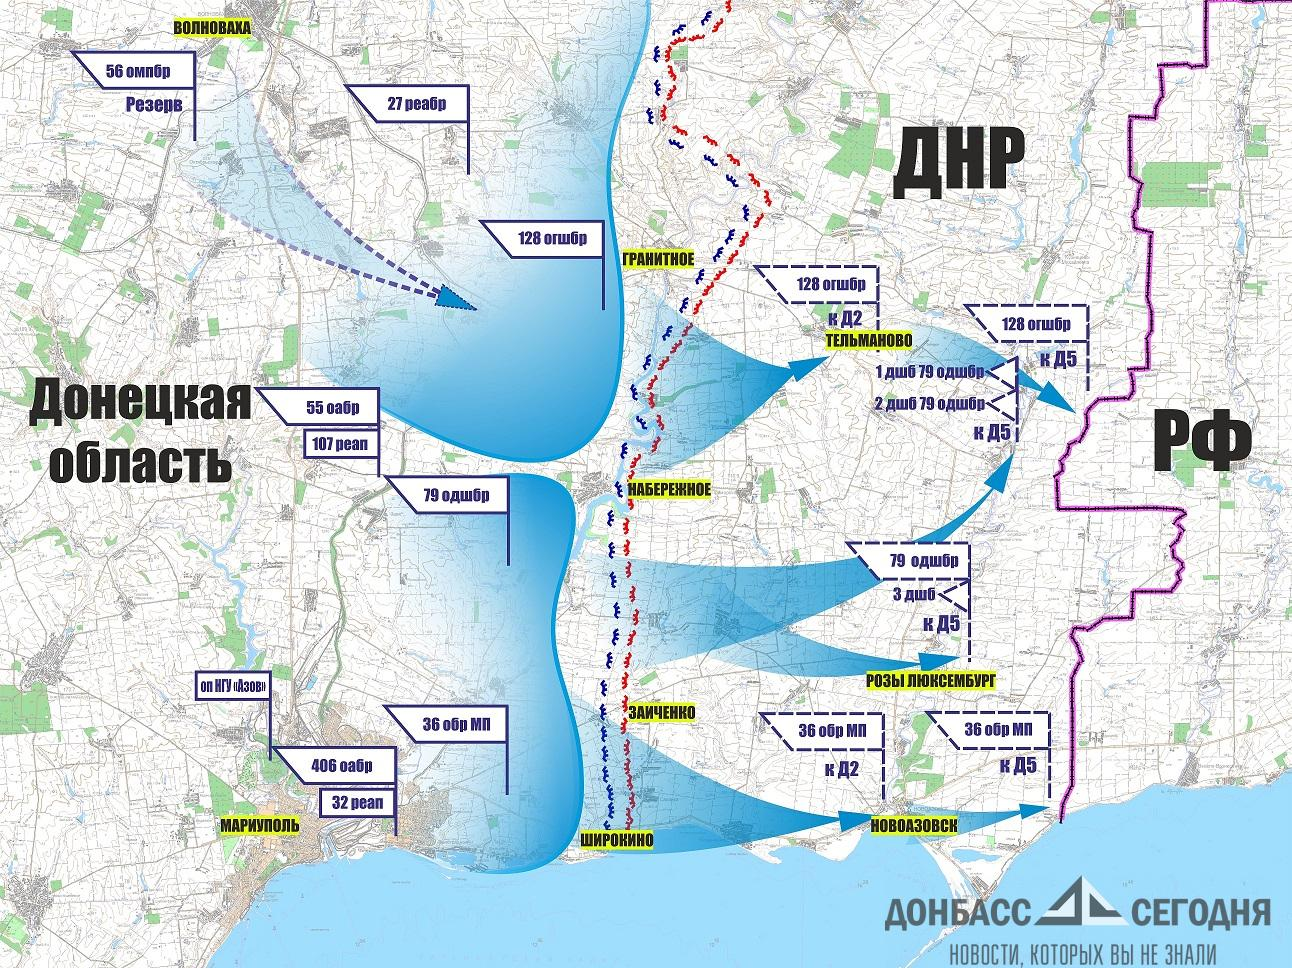 ВСУ собираются провернуть спецоперацию с выходом на границы с РФ за 5 дней